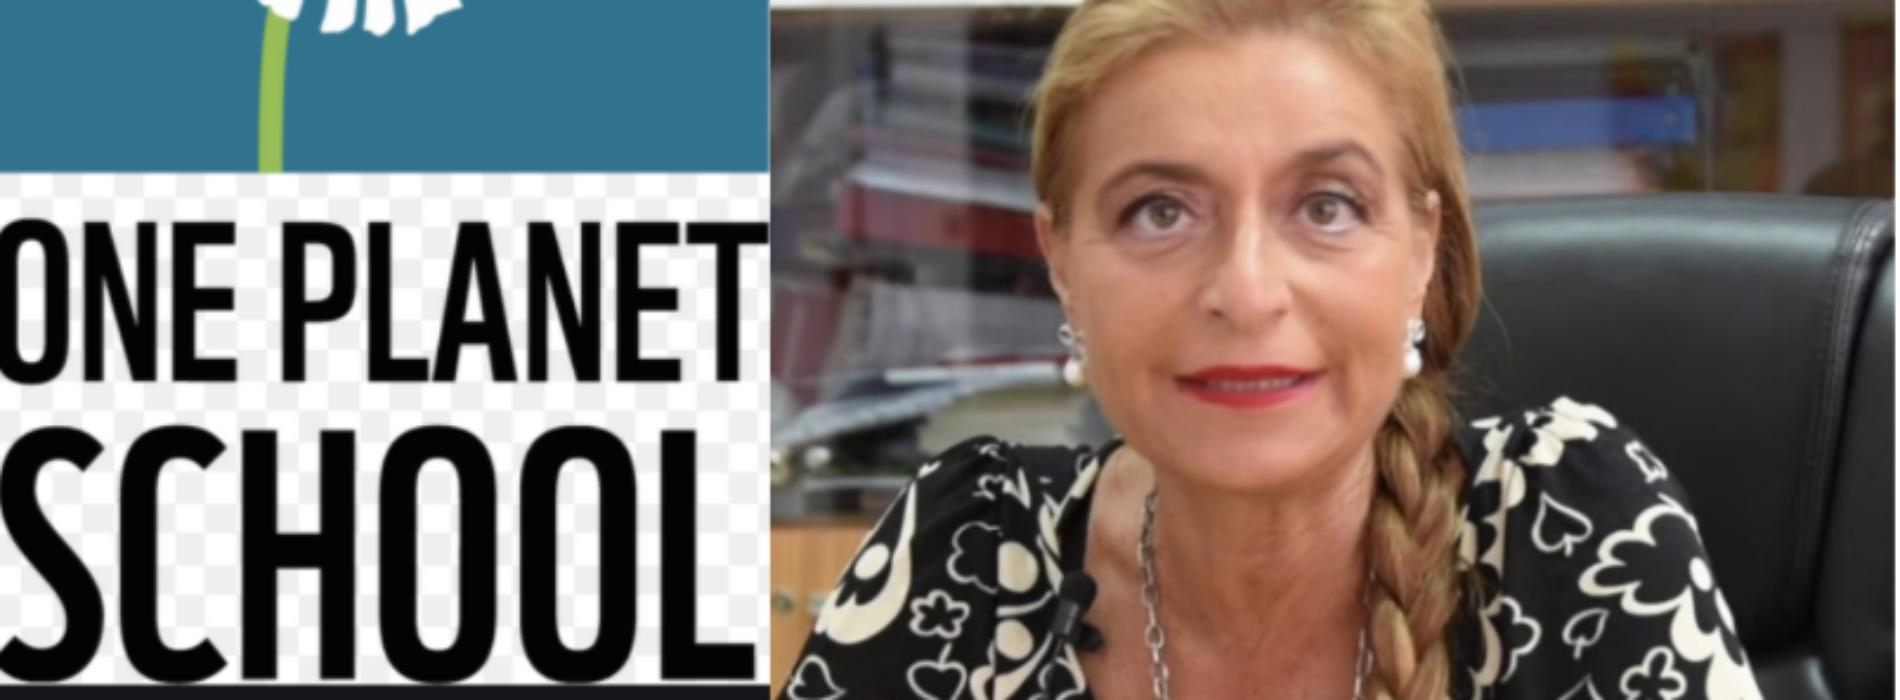 One Planet School a Caserta. Il Liceo Manzoni aderisce